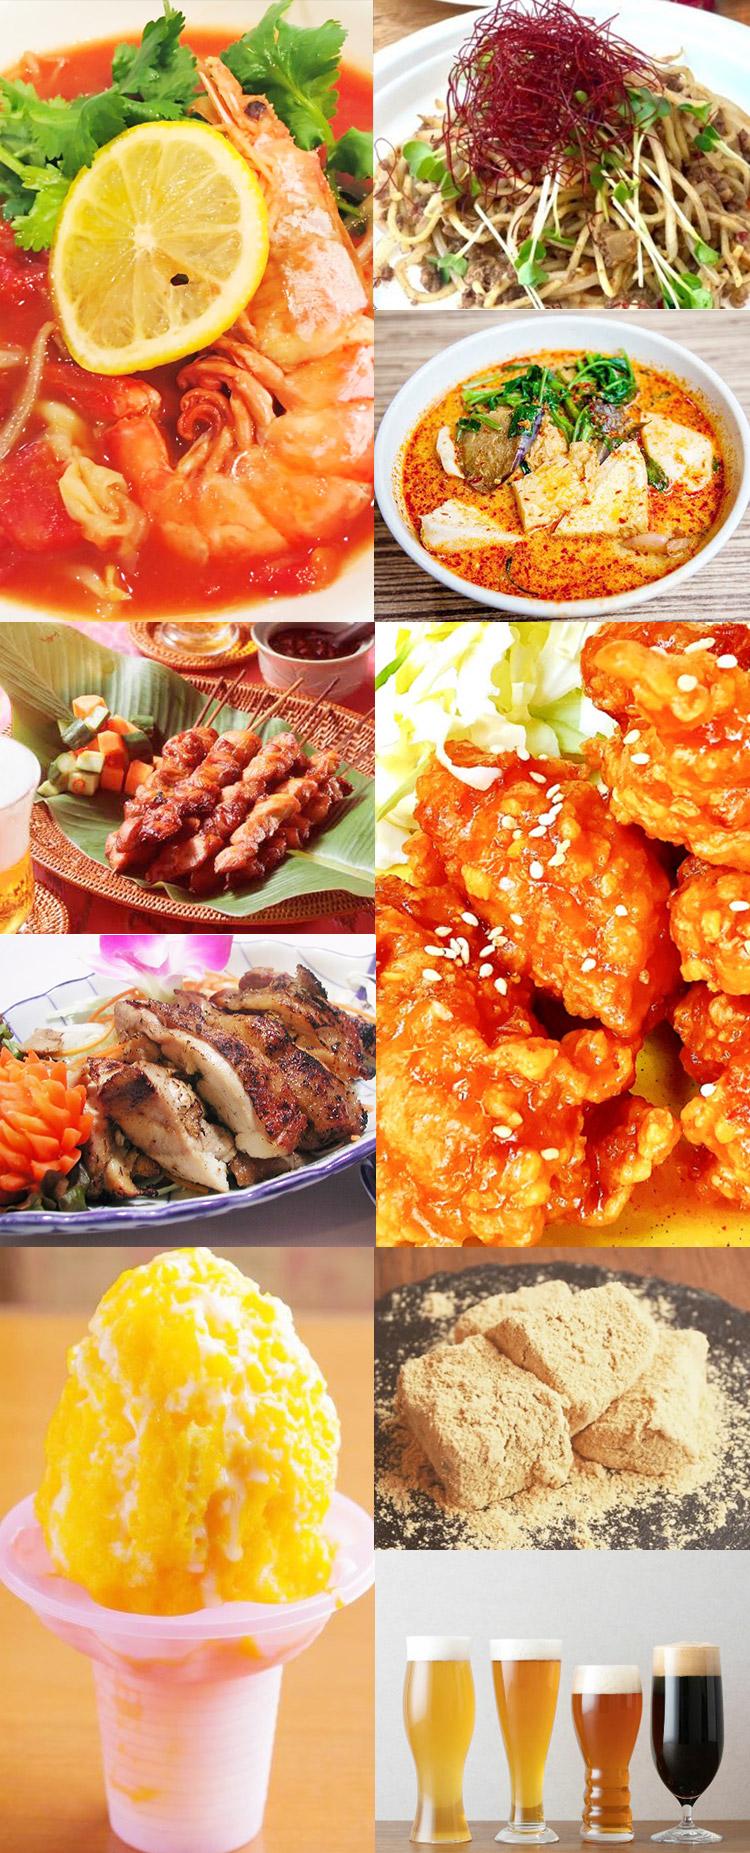 2期:【テーマ:激辛料理】